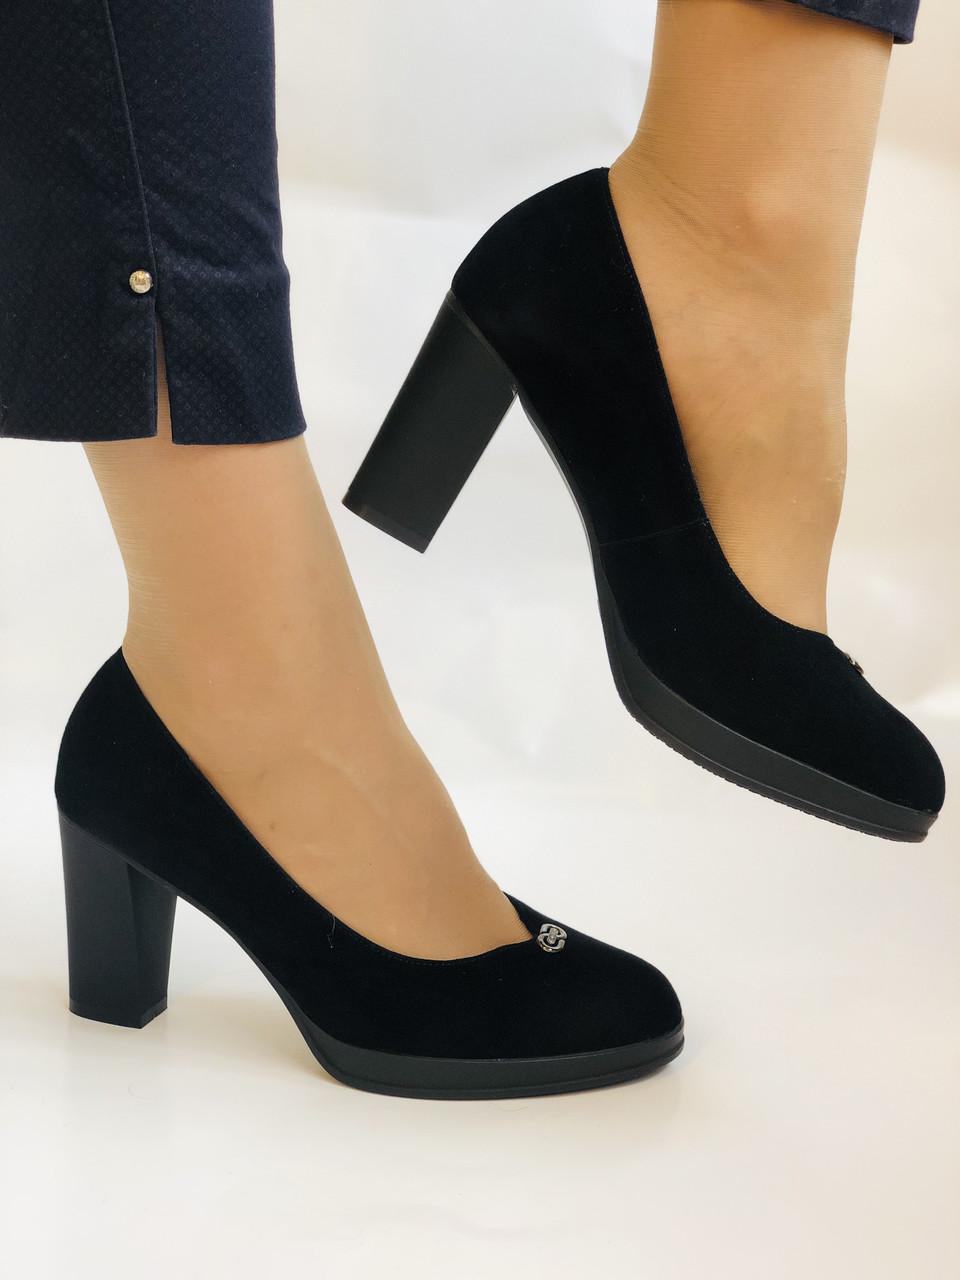 Жіночі модельні туфлі-човники високої якості.Polann. Натуральна замша. Супер комфорт. 35 39 40